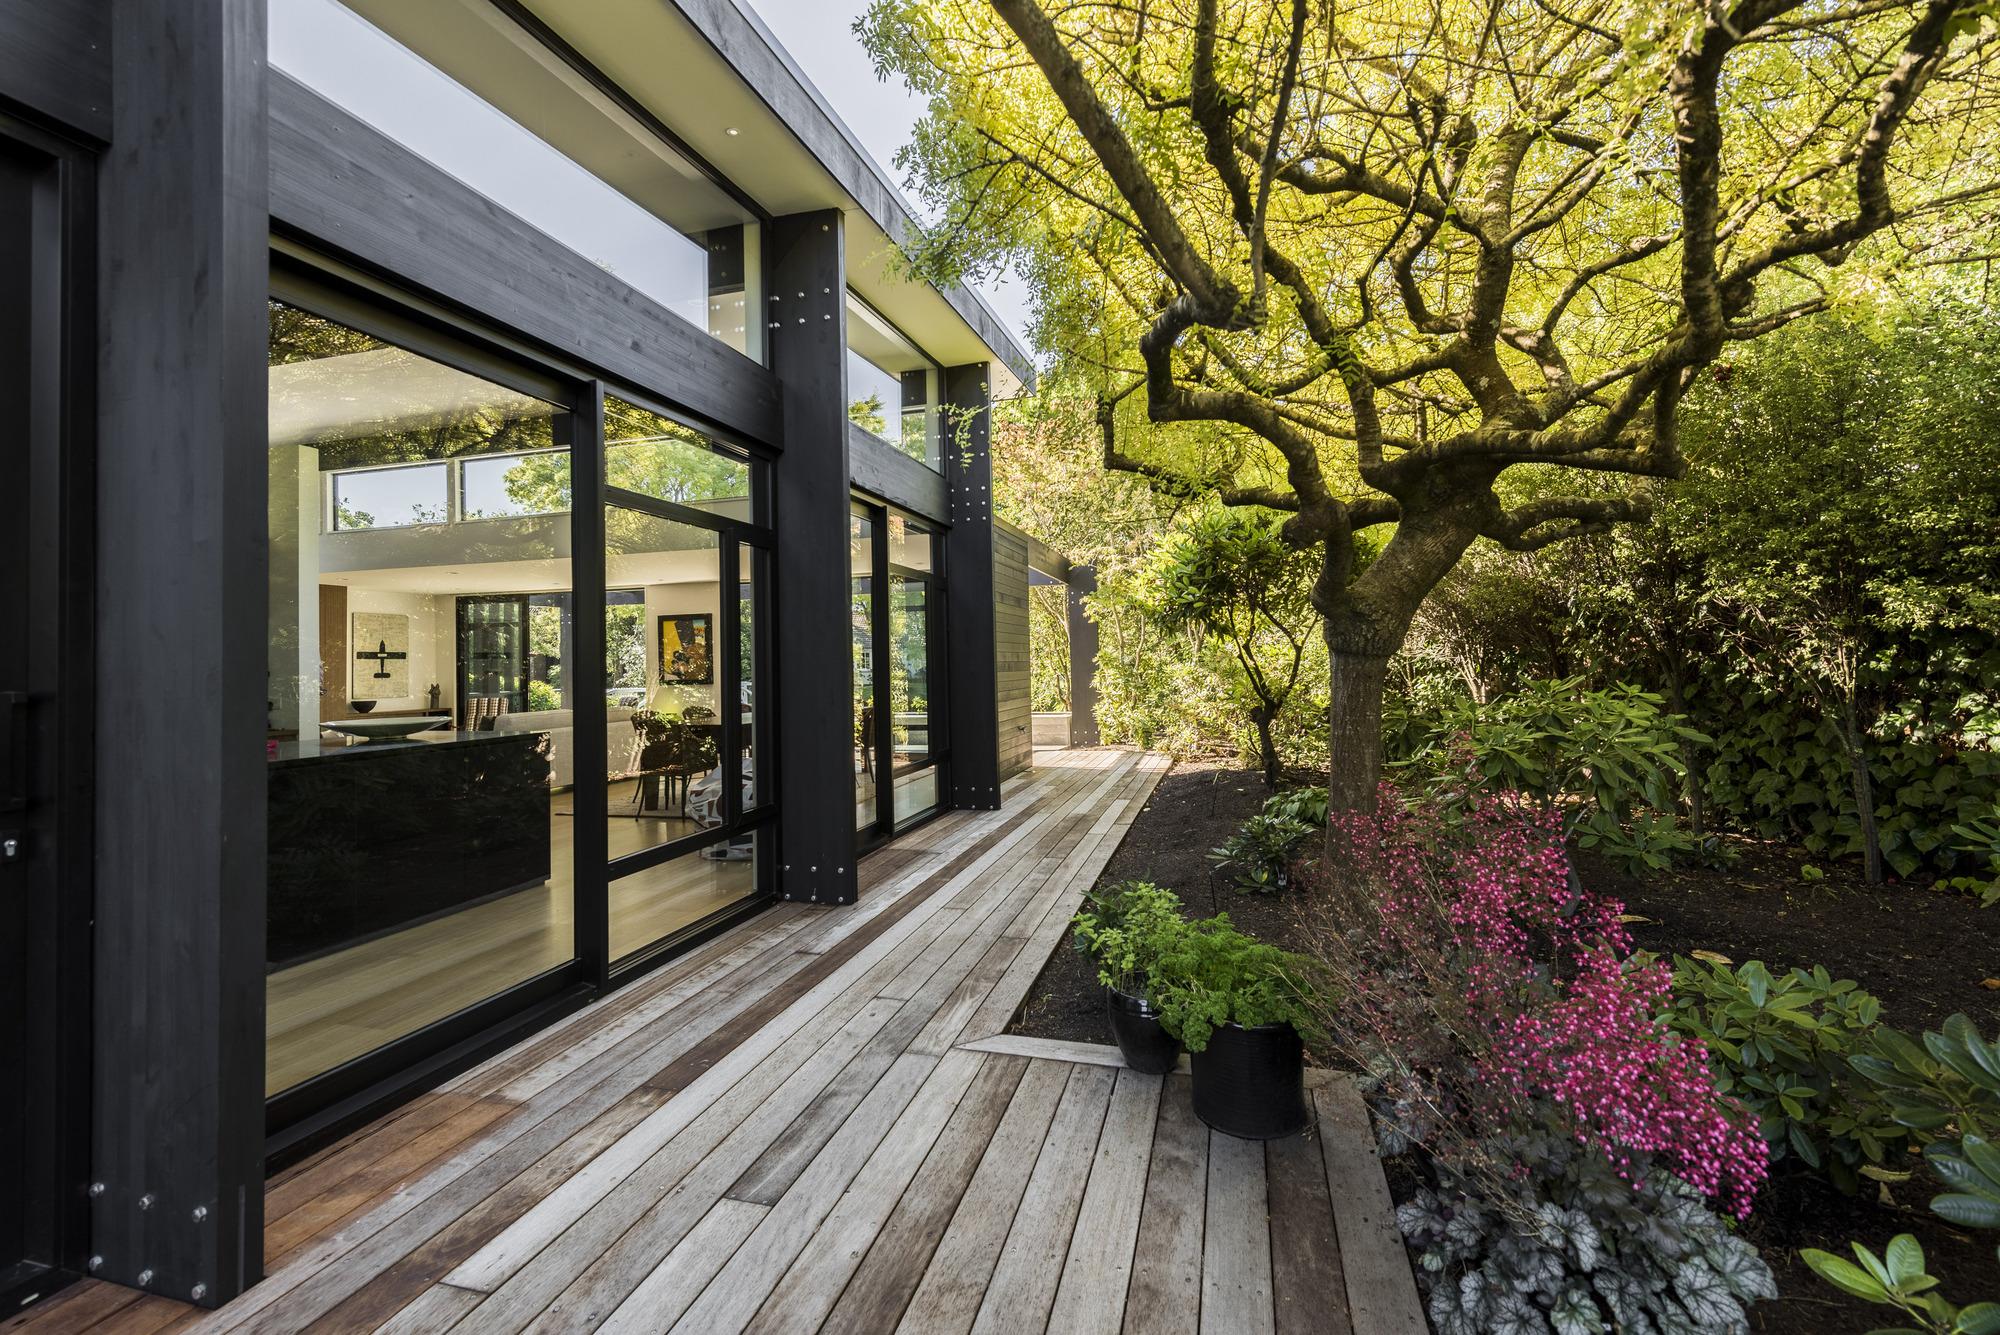 Bradnor road cymon allfrey architects ltd archdaily